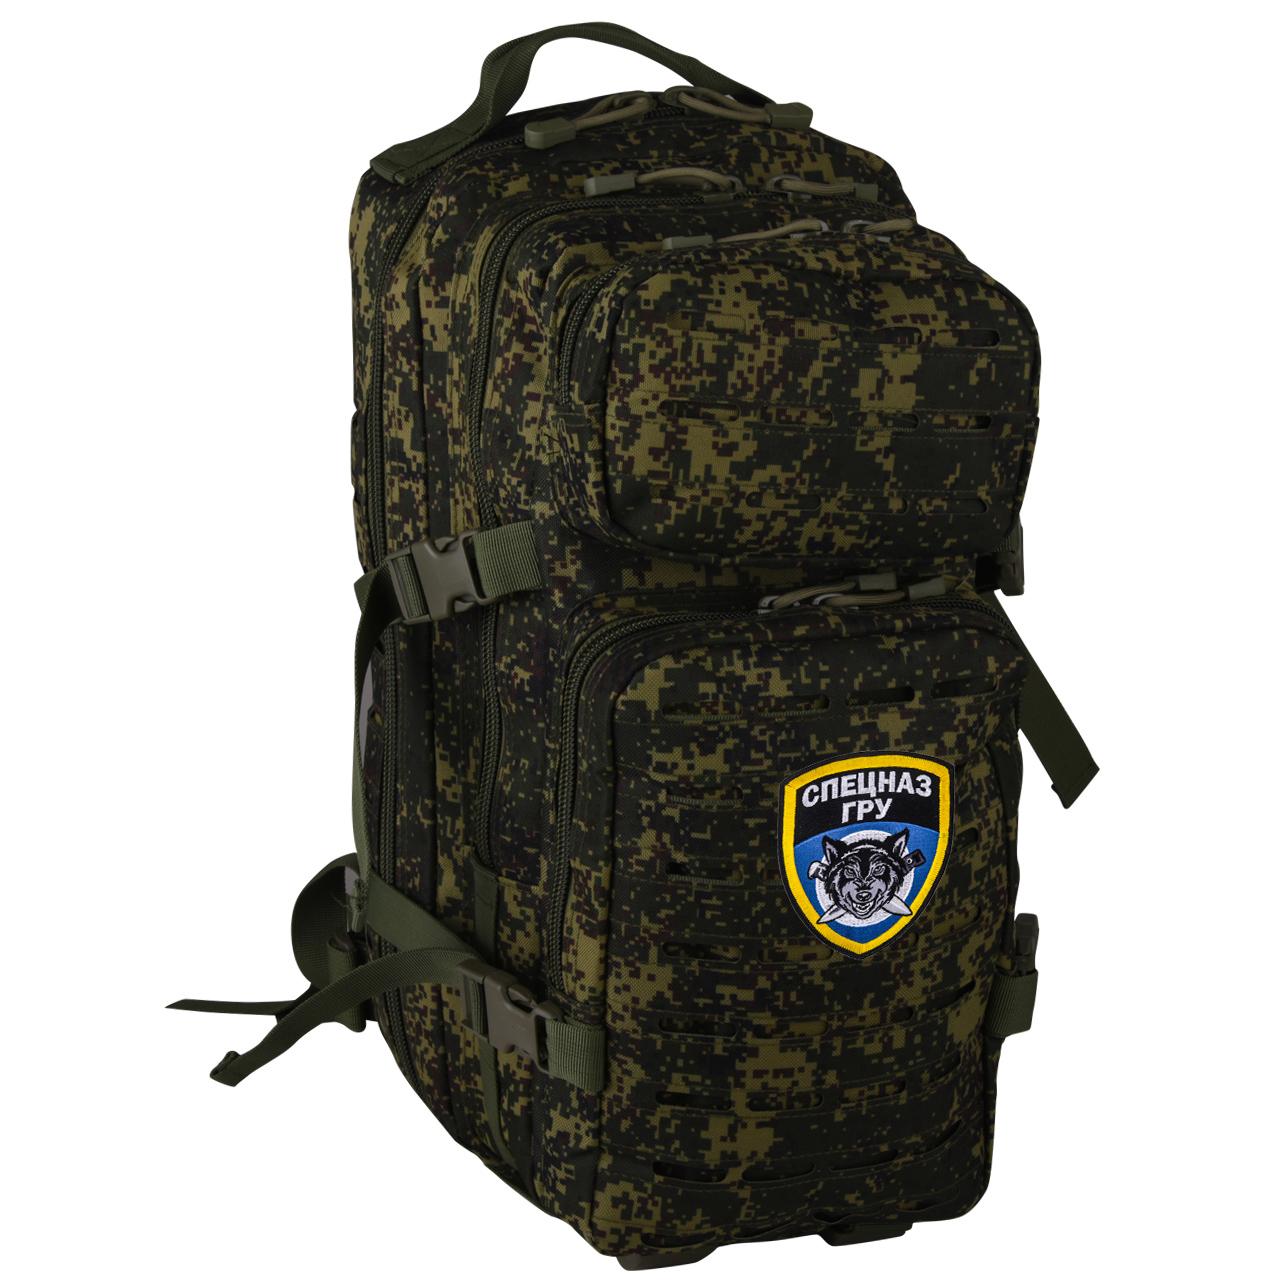 Купить в Москве рюкзак спецподразделений ГРУ